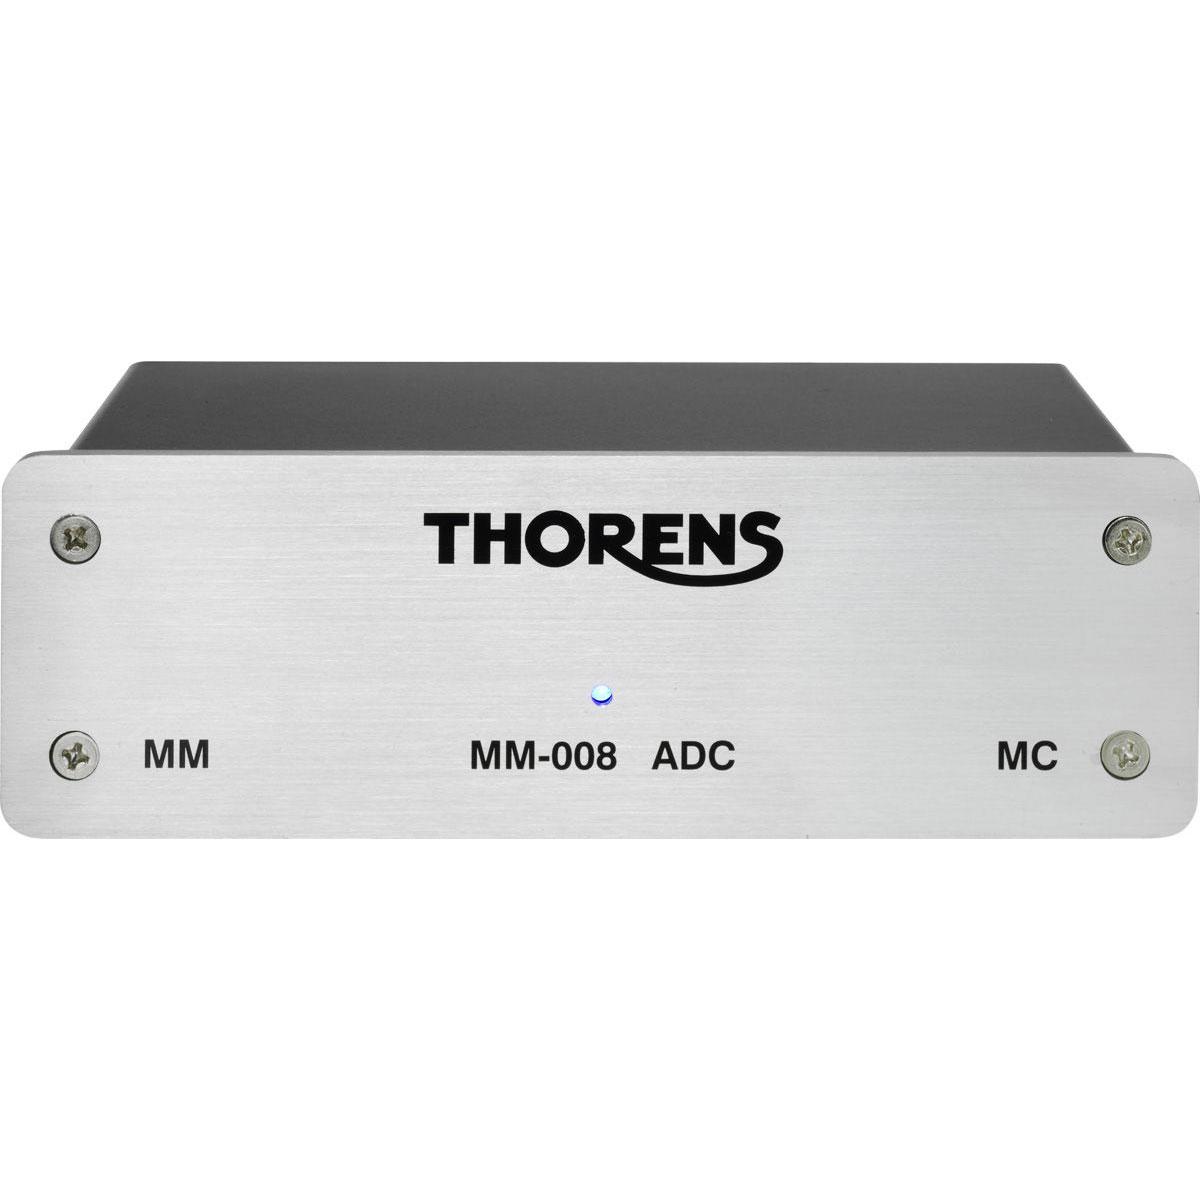 Thorens MM-008 ADC silber Phono Vorverstärker 44191